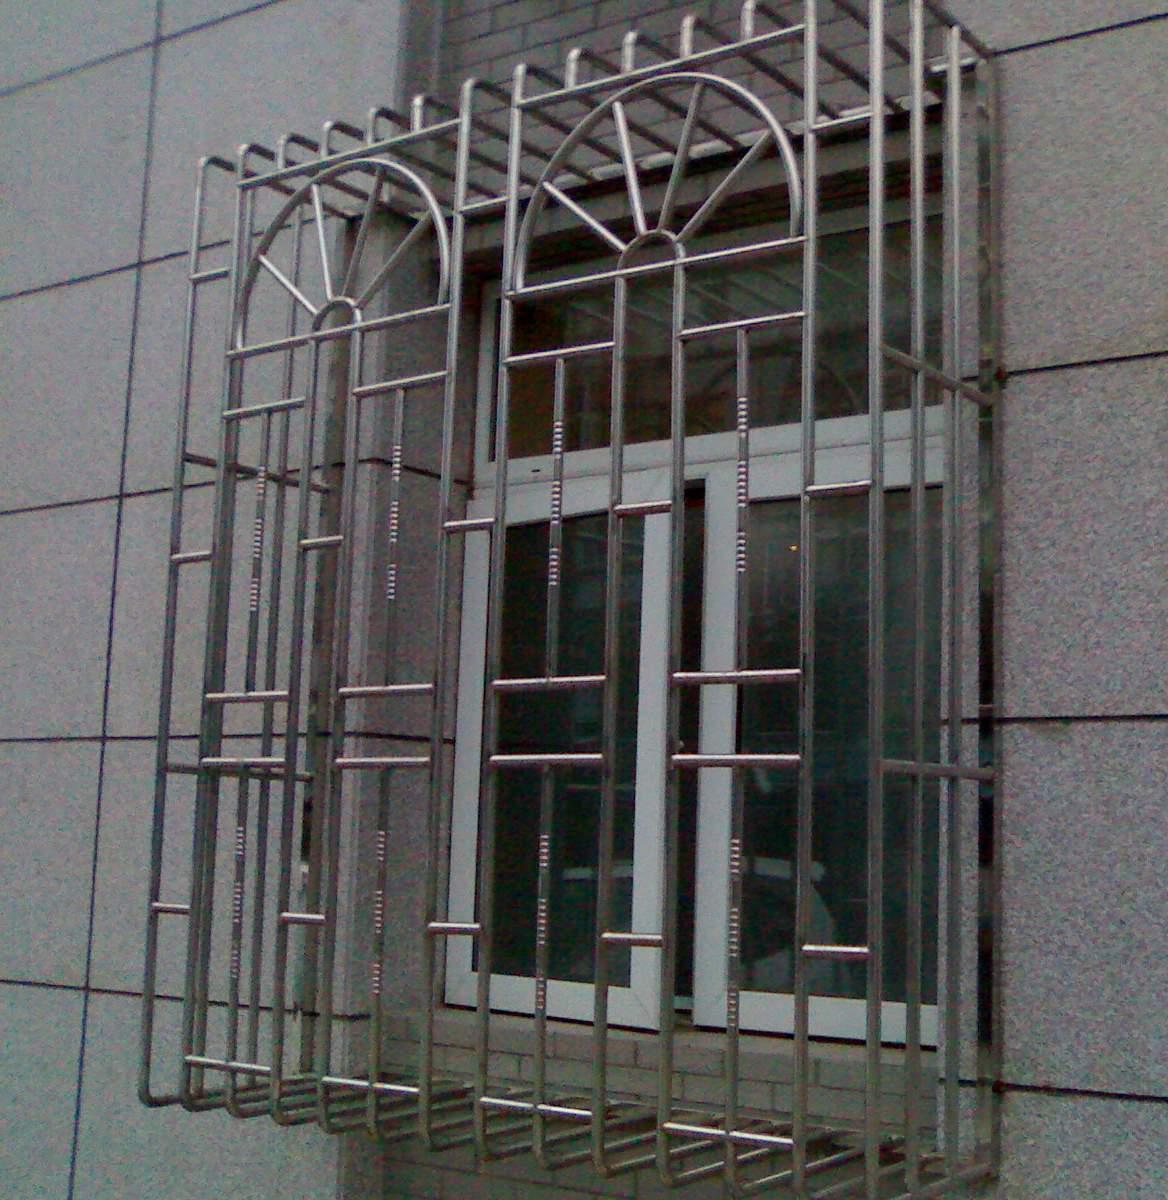 用手机拍的,效果不是太好。不过大概能看清楚。听门卫说,这个小区的防护栏已经装3年多了。 个人的感觉,这种防护栏有3点最令我满意: 质量上采用的是不锈钢,首先耐腐蚀,不容易掉色,厚壁,不容易折断。 式样是欧式的,比较美观,这种窗户形状的可以让人有种飘窗的感觉,不会象传统喷漆的条形防护栏感觉不好。 外凸的形状可以增加使用的空间,很适合放置花草,对净化空气和陶冶心情都很有好处。(当然可能也会有些影响楼上安全的隐患,不知道能不能通过管间距离和式样来避免) 不知道大家对这种的护栏有什么观感,这种样式我也在回龙观建材